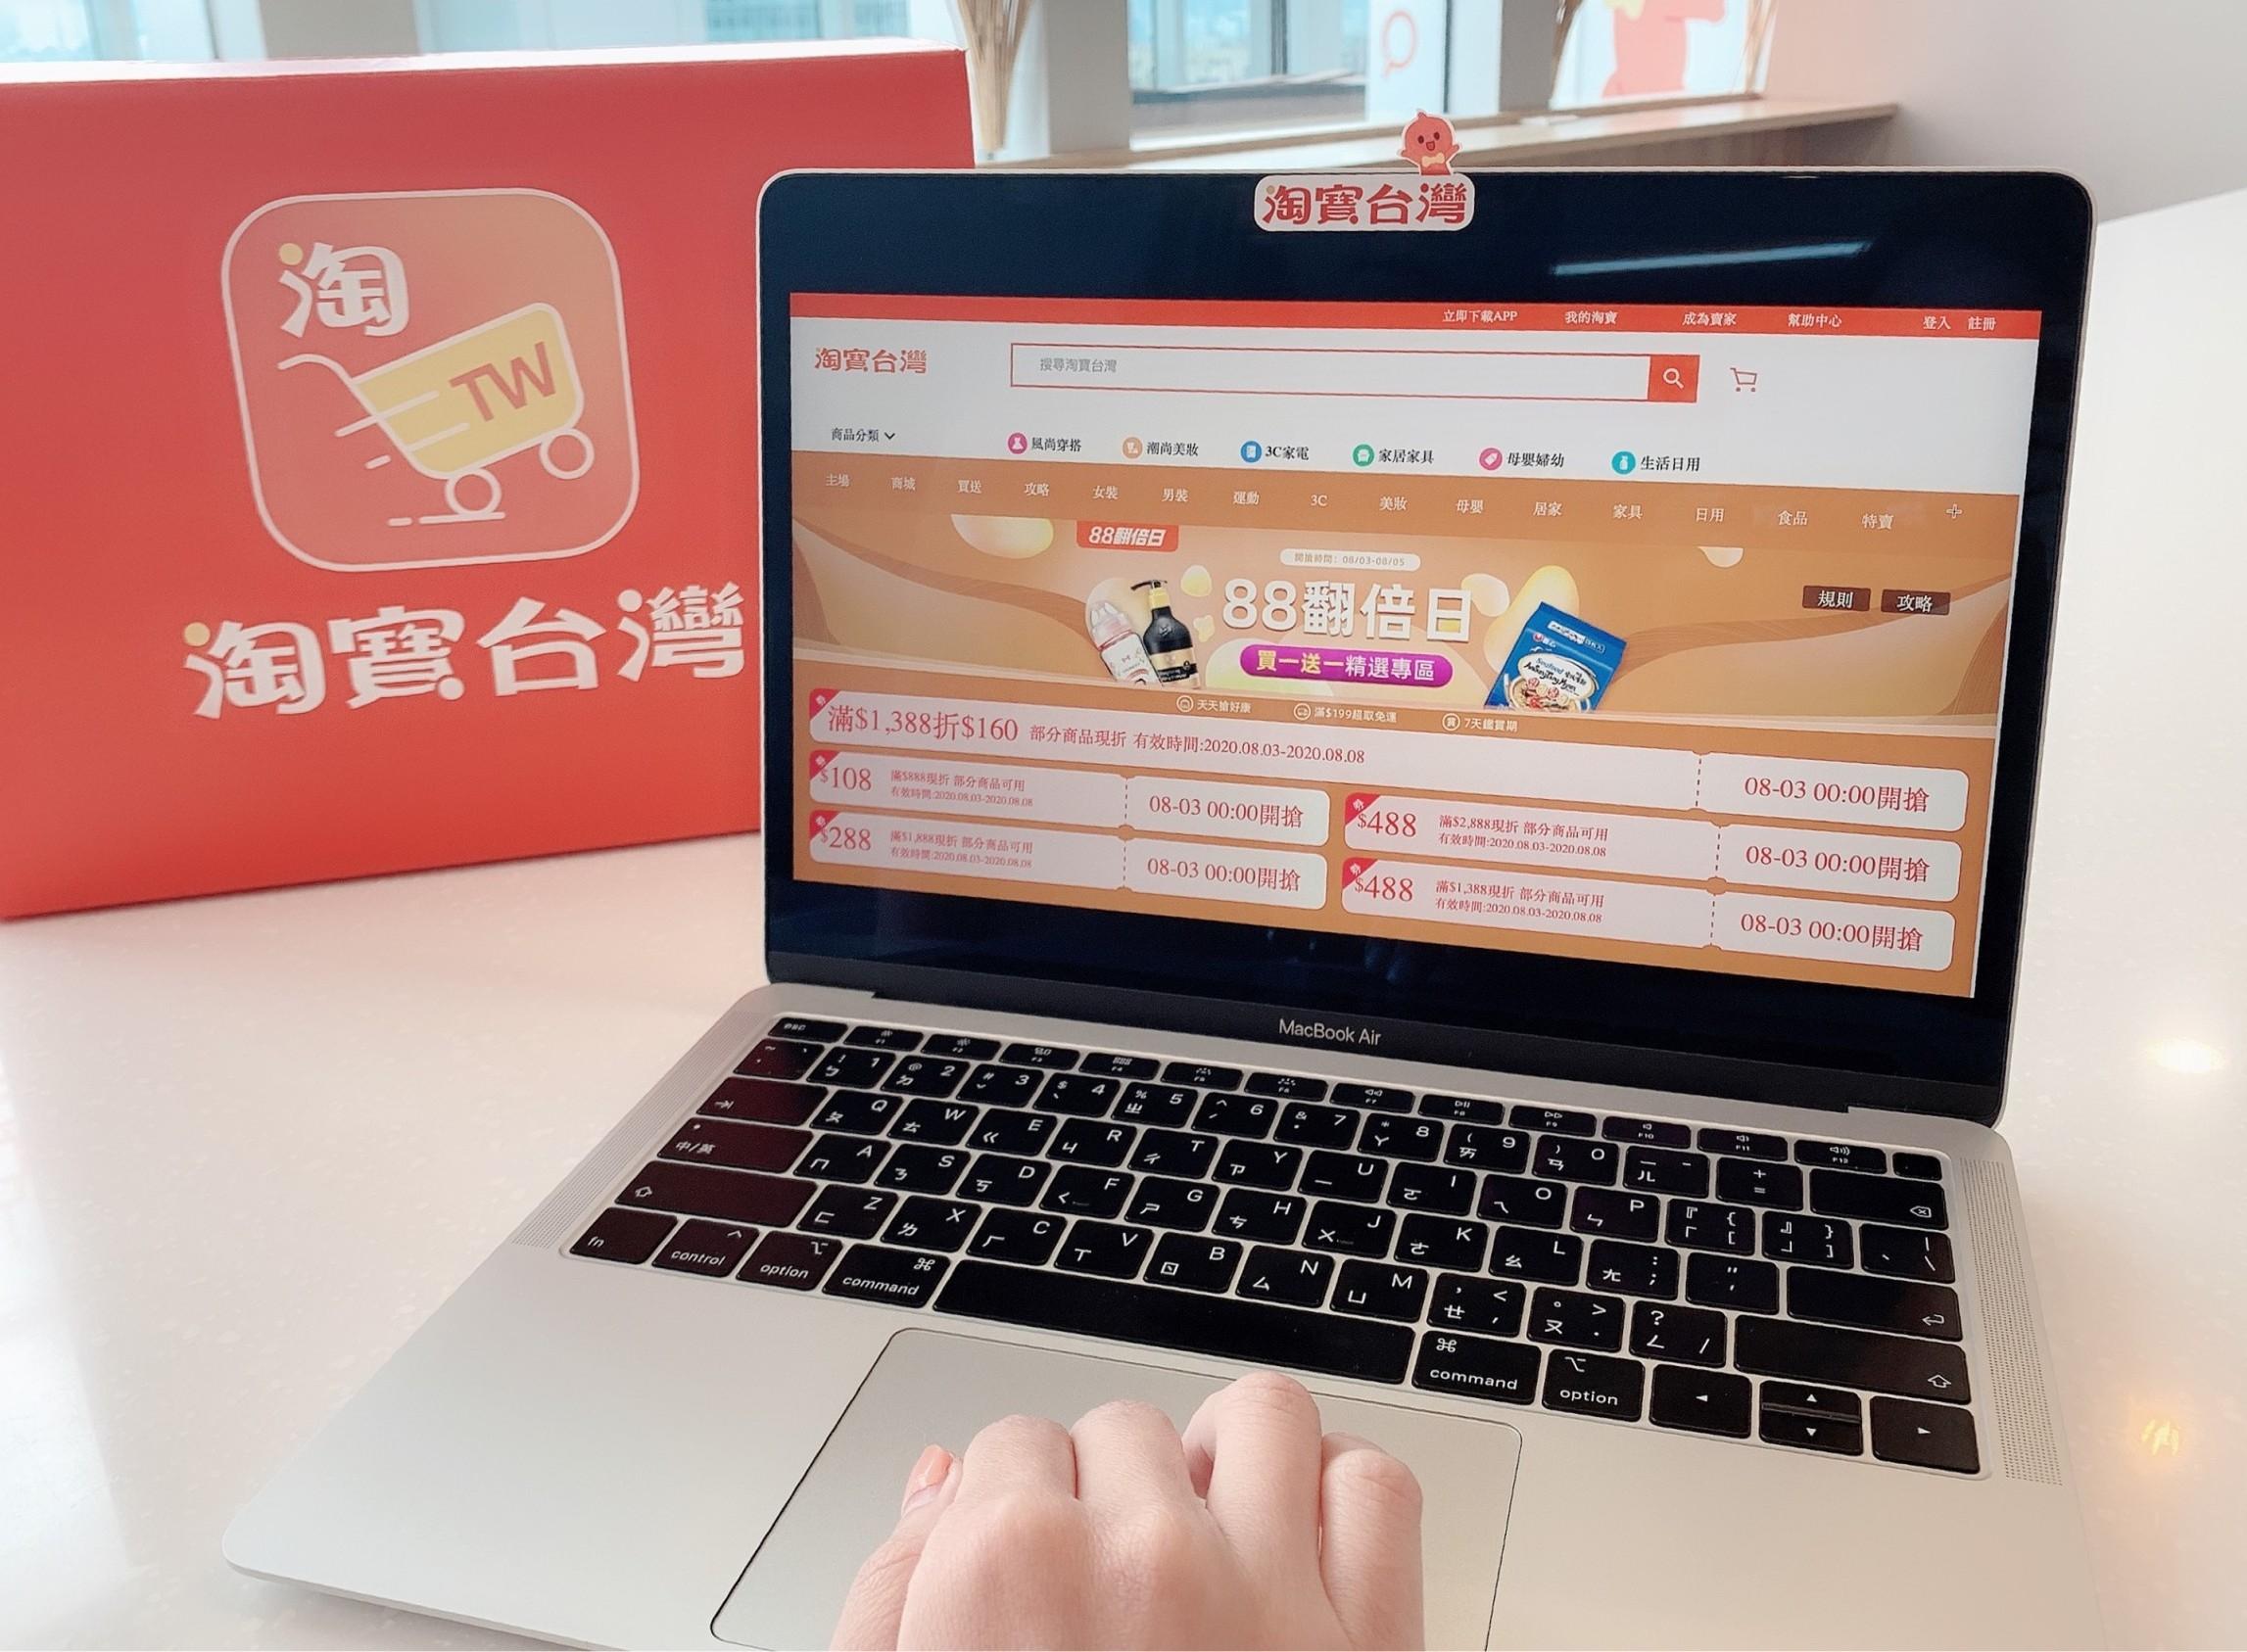 淘寶台灣年底將撤台 經濟部認定「陸資」3大關鍵曝光!